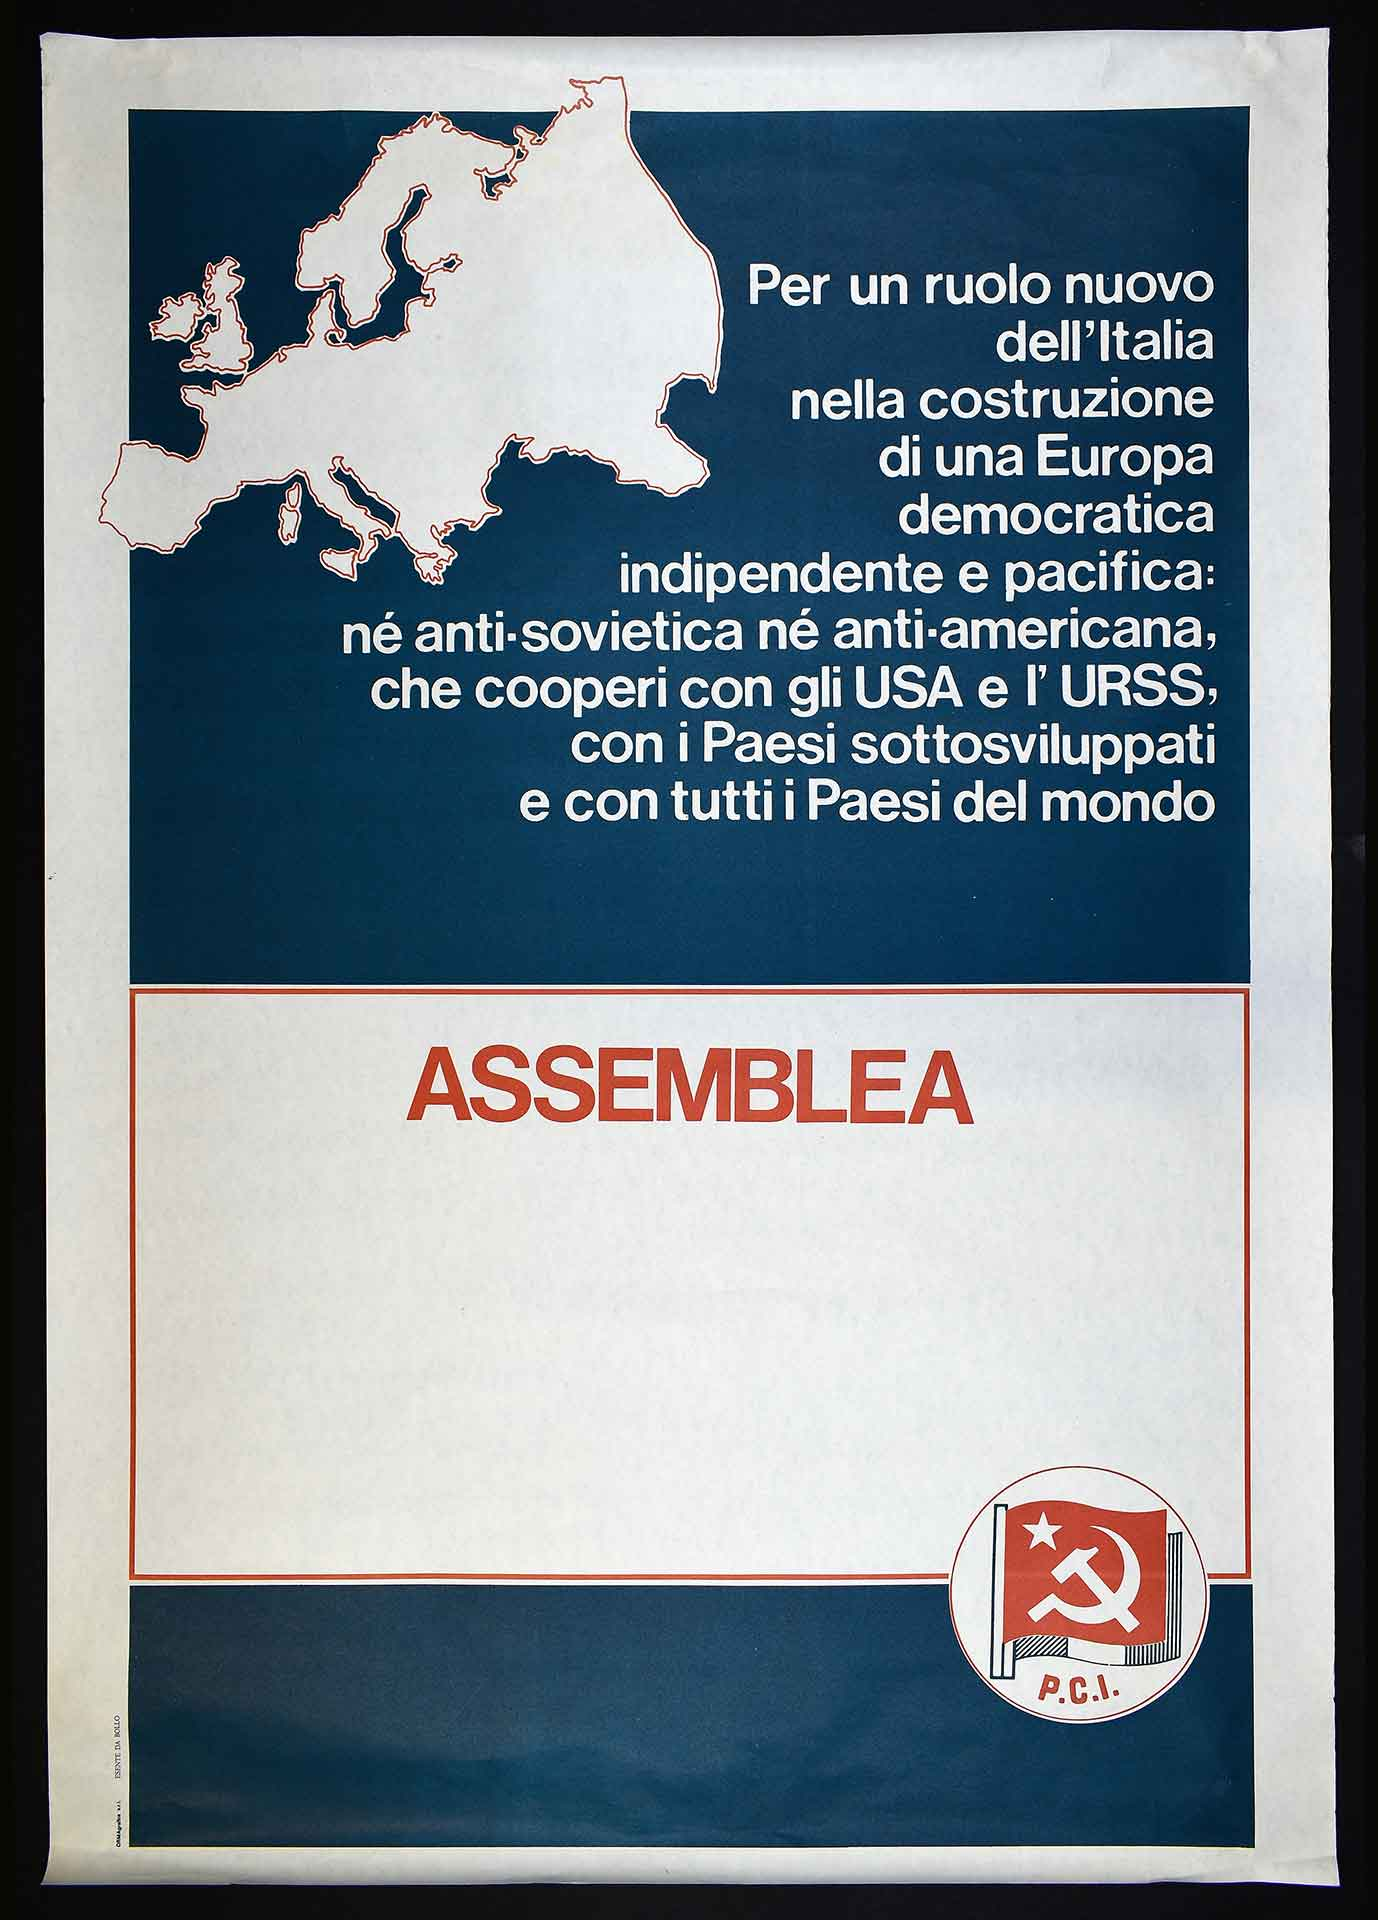 Il Partito comunista italiano (PCI) per l'Europa democratica, indipendente e pacifica. Stampa Ormagrafica, Roma. Comunicazione di partito.